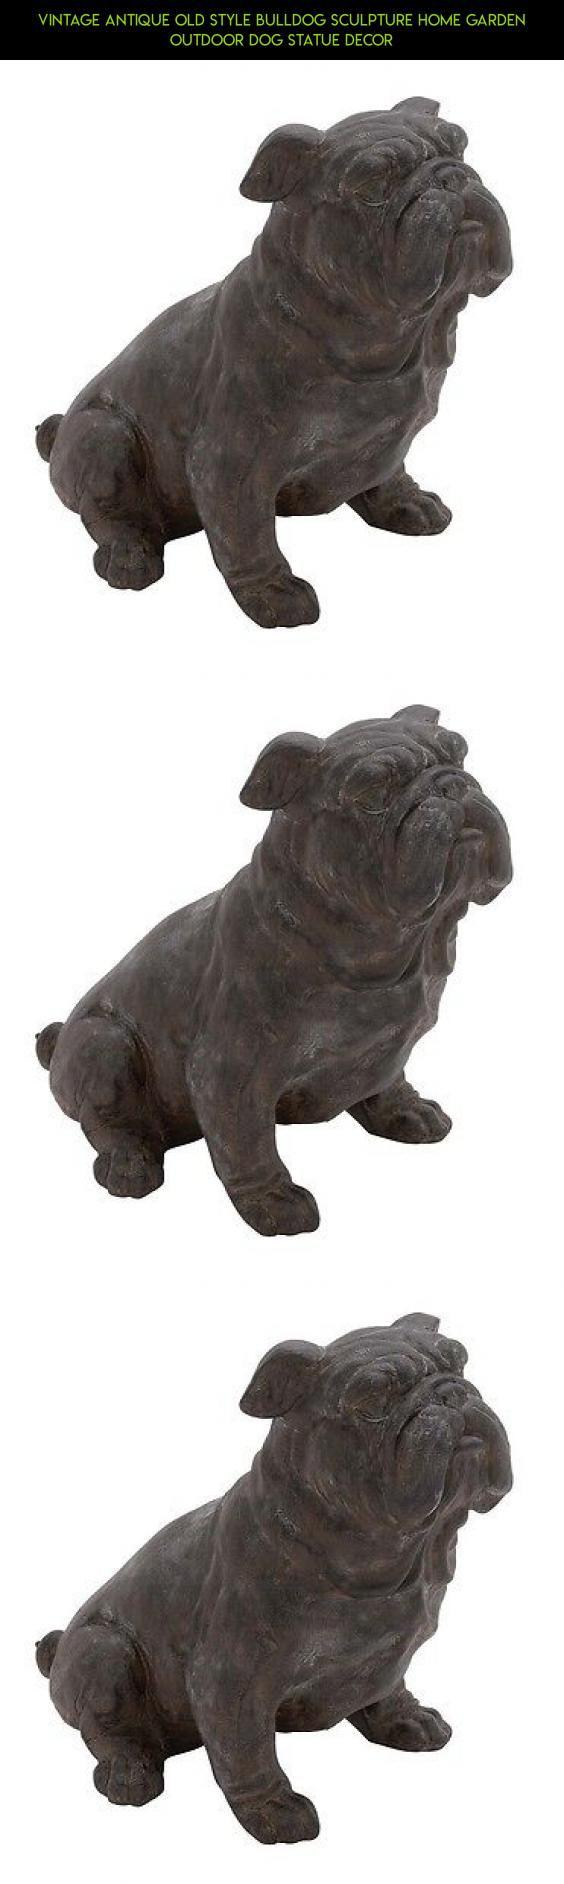 les 25 meilleures id es de la cat gorie statue bouledogue sur pinterest id es de cubicule. Black Bedroom Furniture Sets. Home Design Ideas